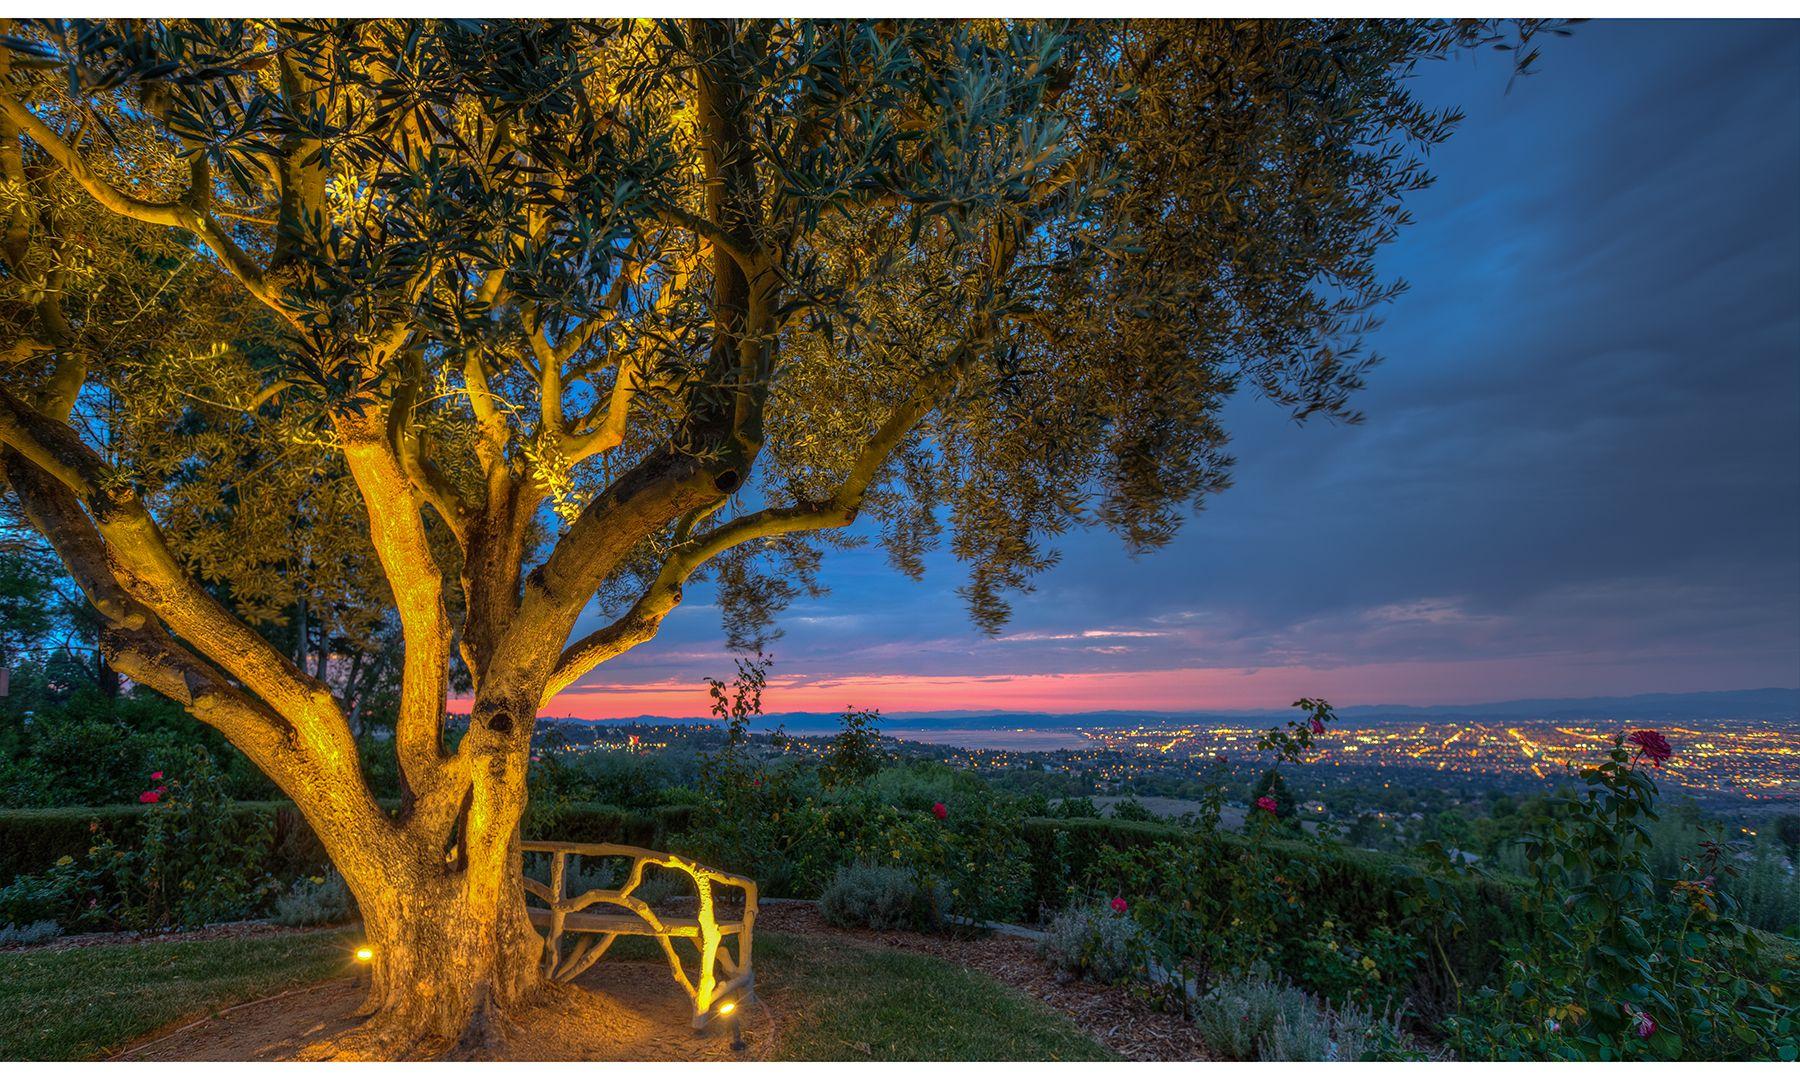 The olive tree at Hacienda de la Paz, a $53 million eight-acre estate built five stories underground in Palos Verdes, California.